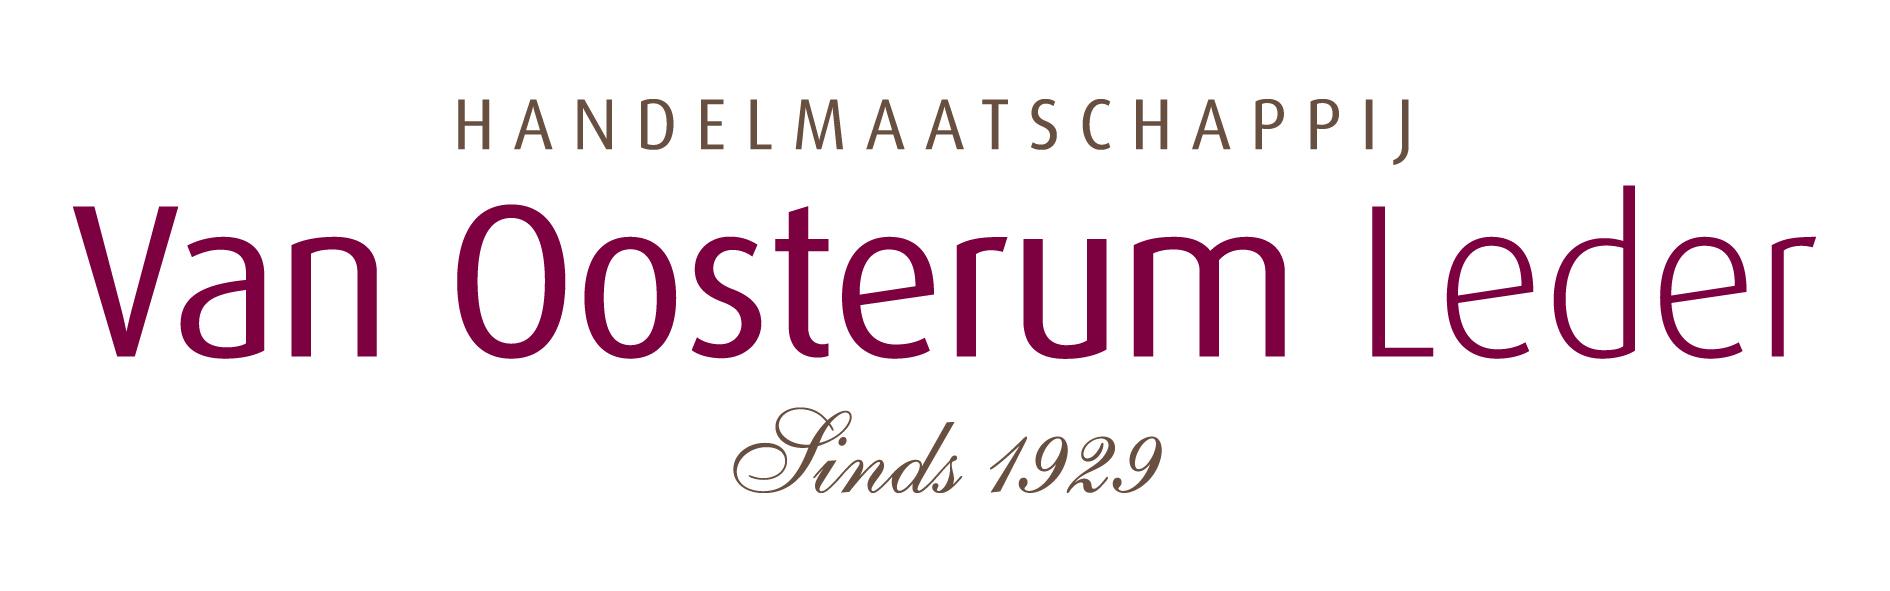 VOL logo